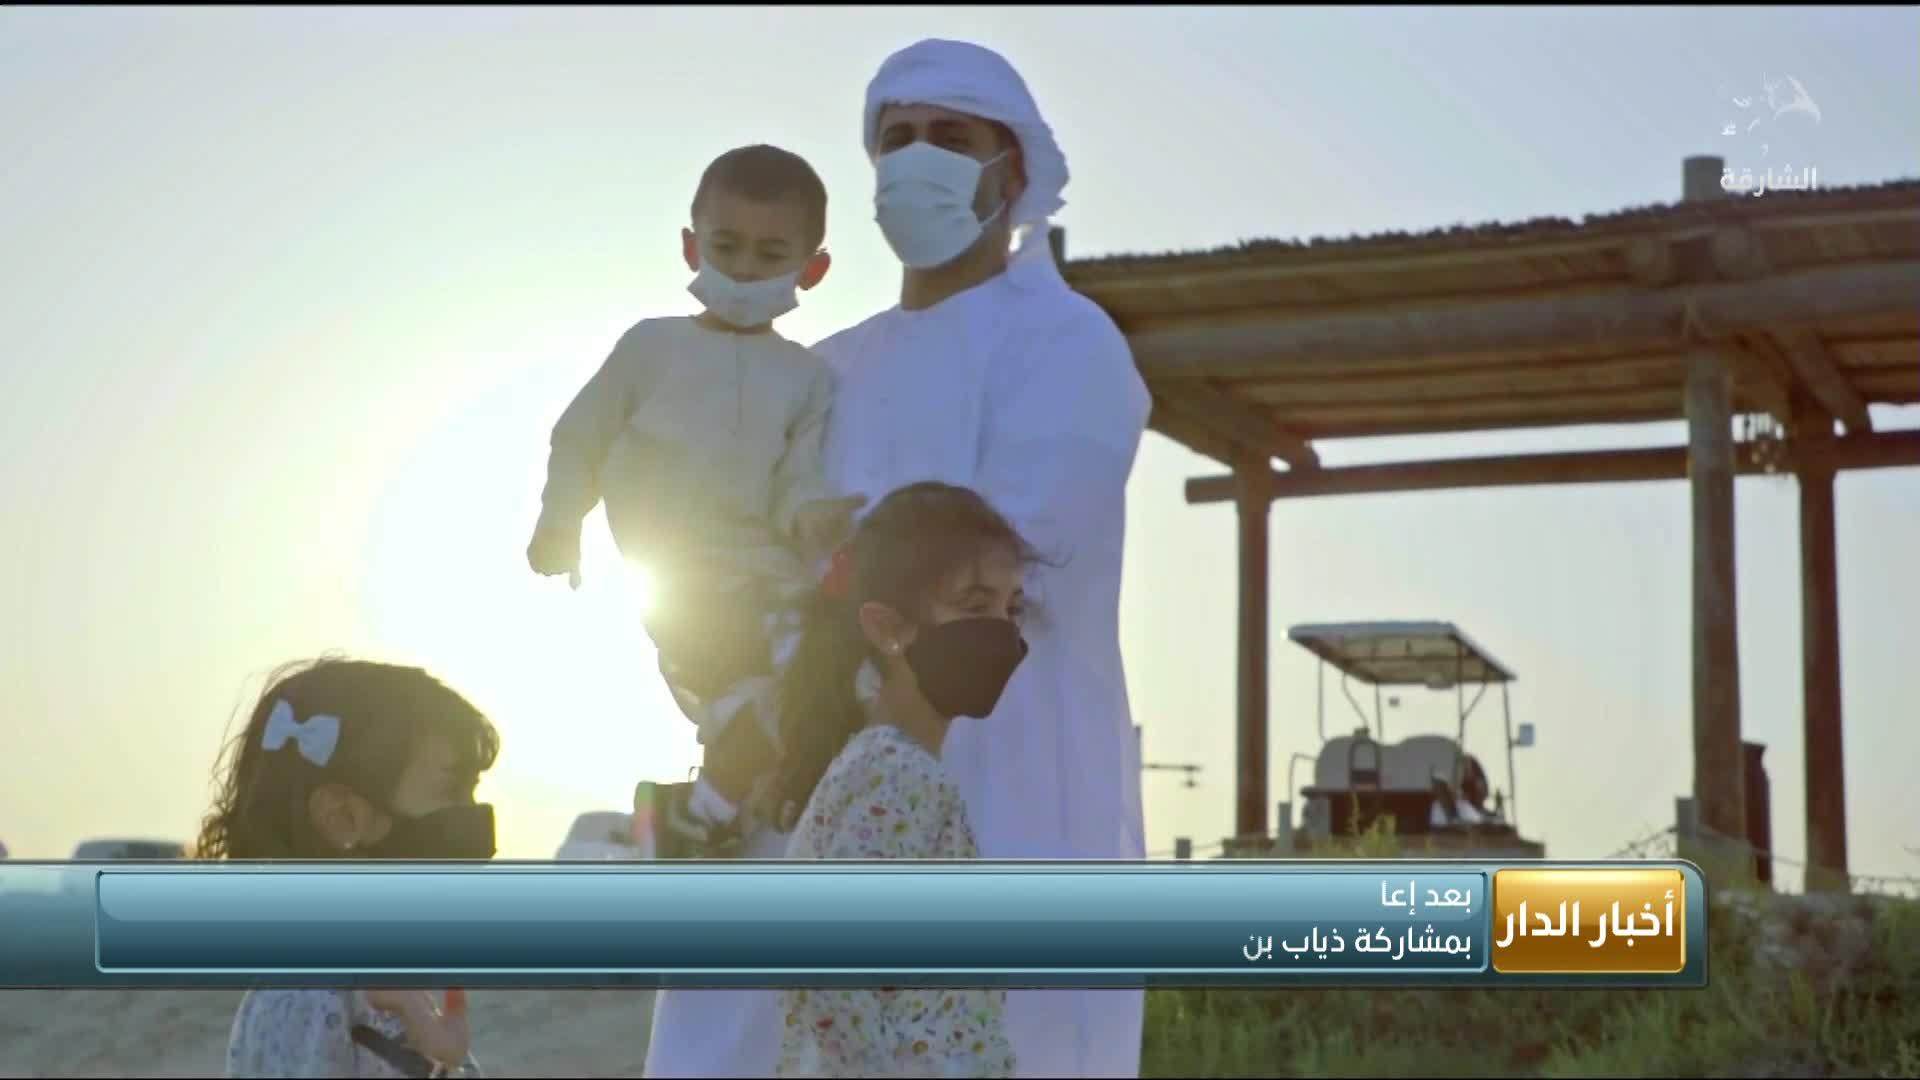 بمشاركة ذياب بن محمد بن زايد .. هيئة البيئة - أبوظبي تطلق 150 سلحفاة بحرية بعد إعادة تأهيلها